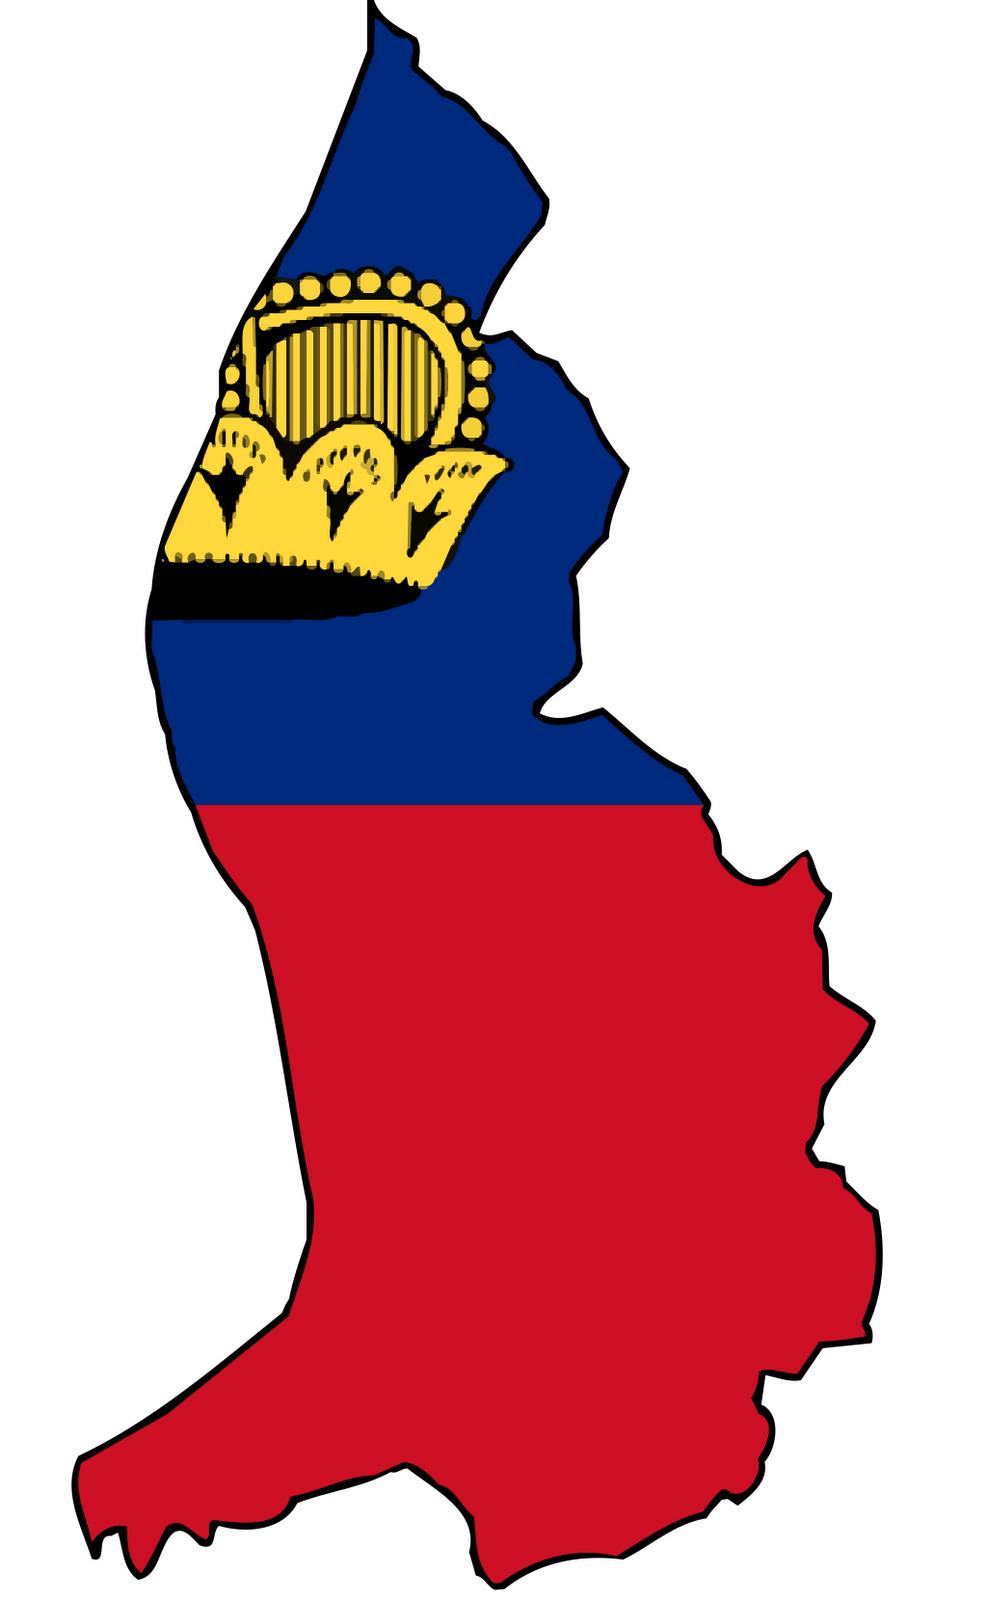 Liechtenstein HttpbpblogspotcomnAeNAisiLwTghUDzAI - Liechtenstein maps with countries